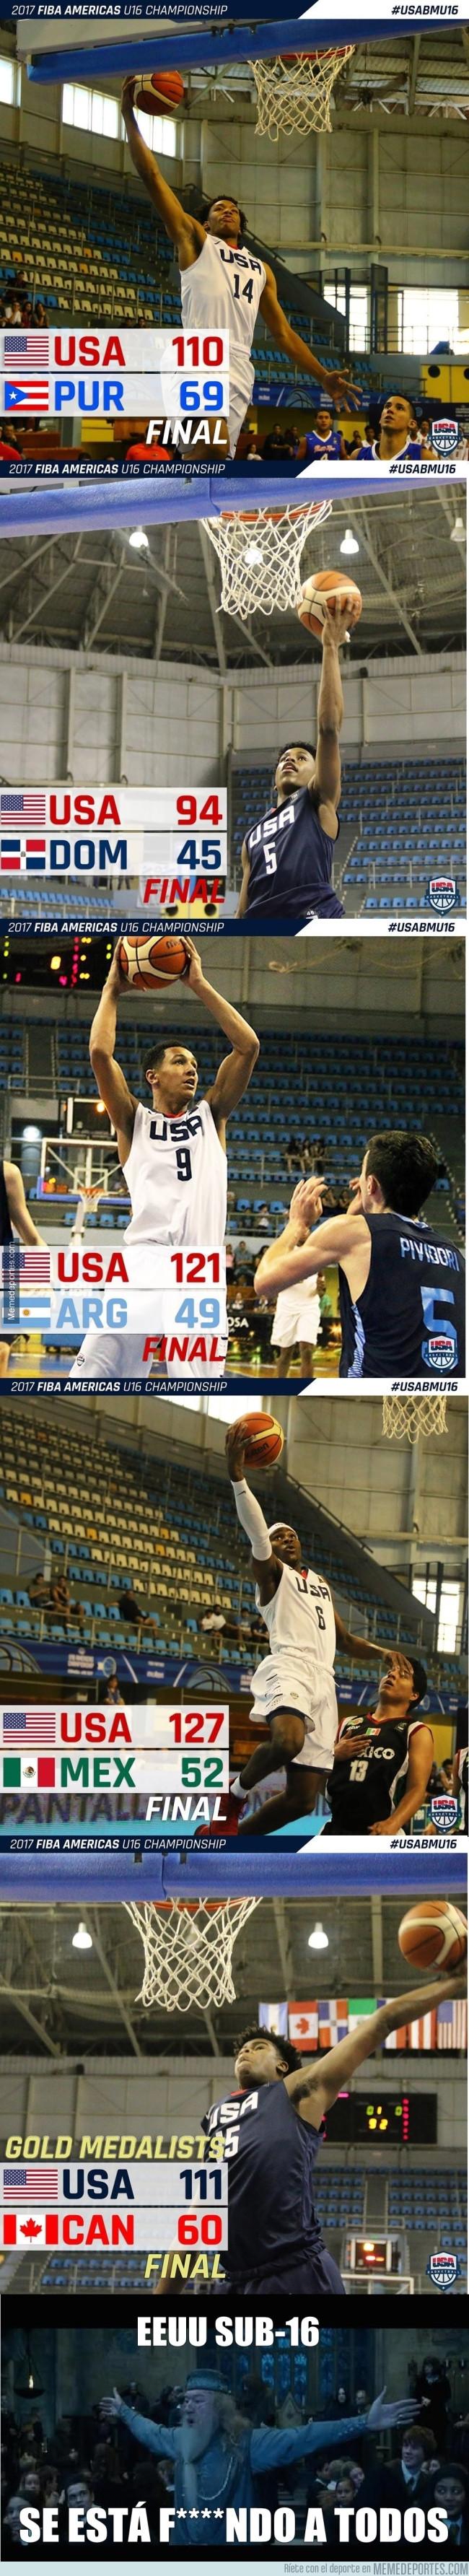 982798 - EEUU sub-16 de baloncesto está arrasando en el torneo FIBA Americas